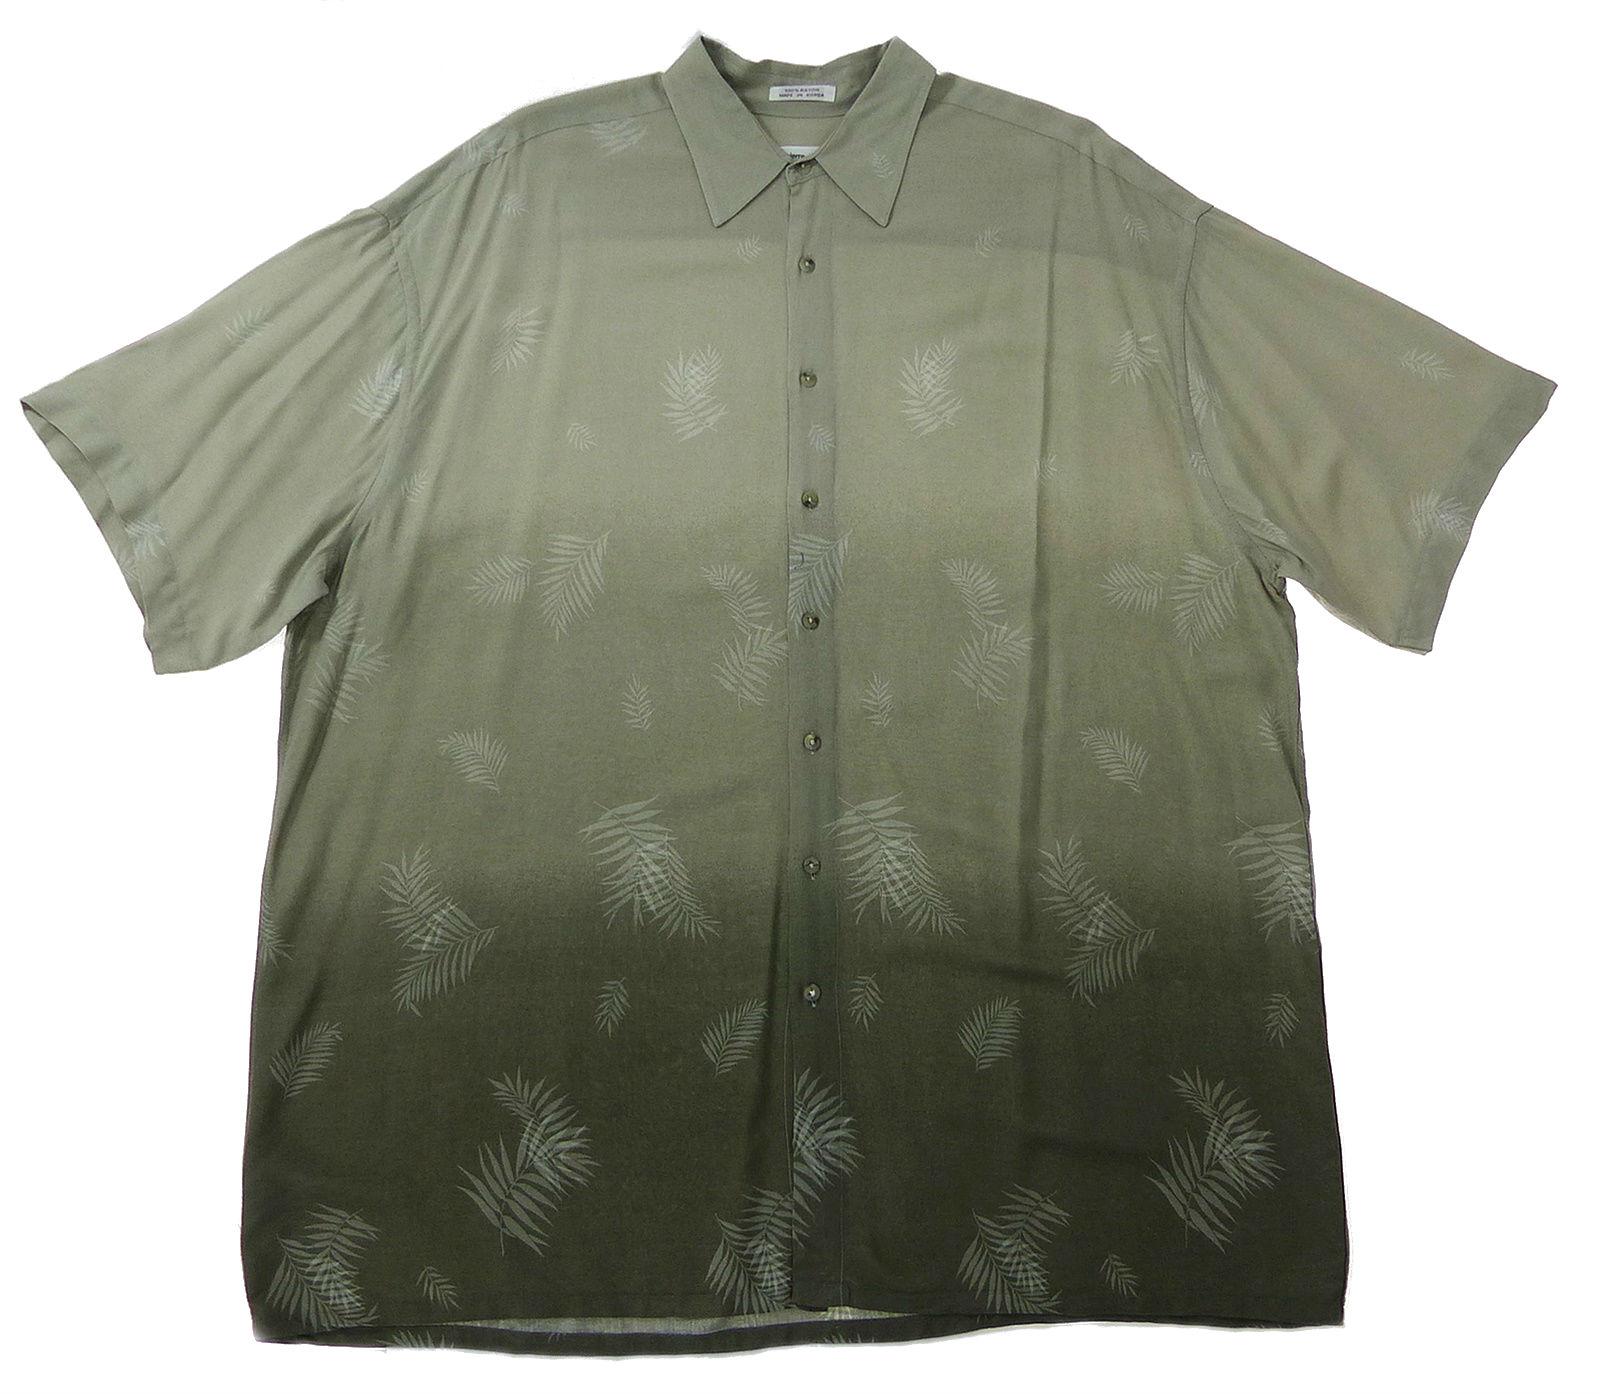 Duża Koszula USA Pierre Cardin 2XL klatka 152cm